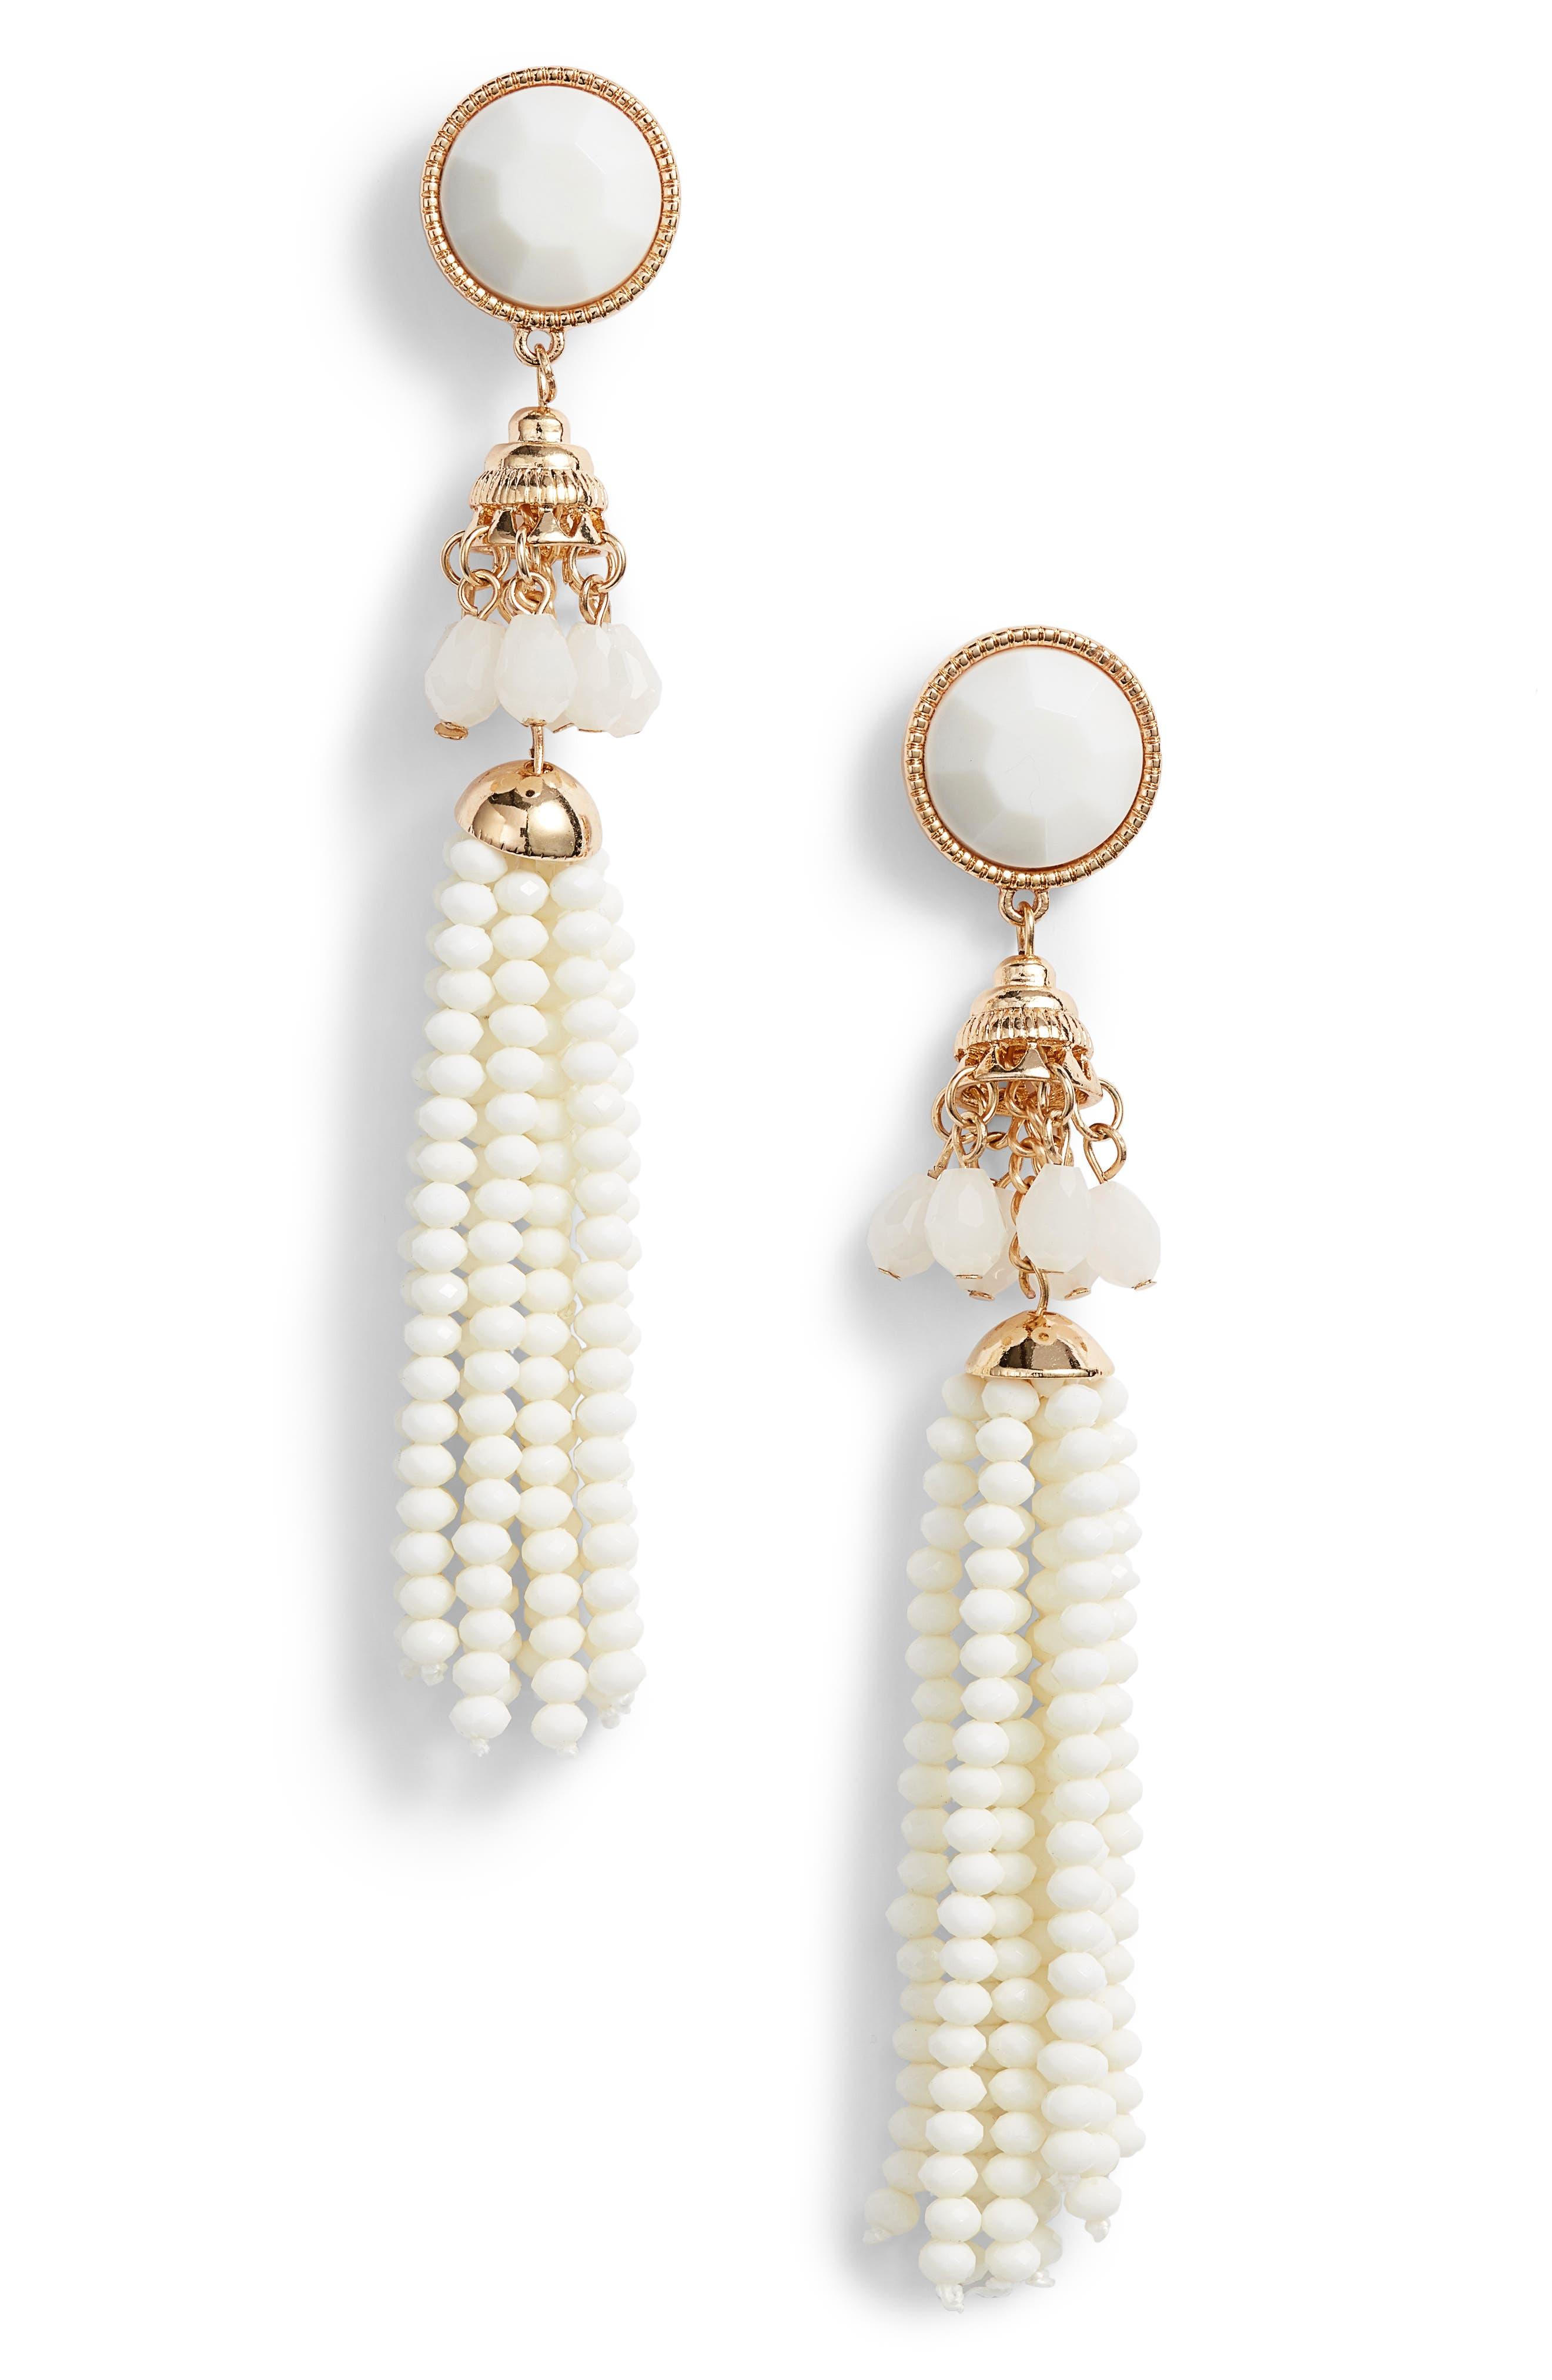 Beaded Tassel Earrings,                             Main thumbnail 1, color,                             710